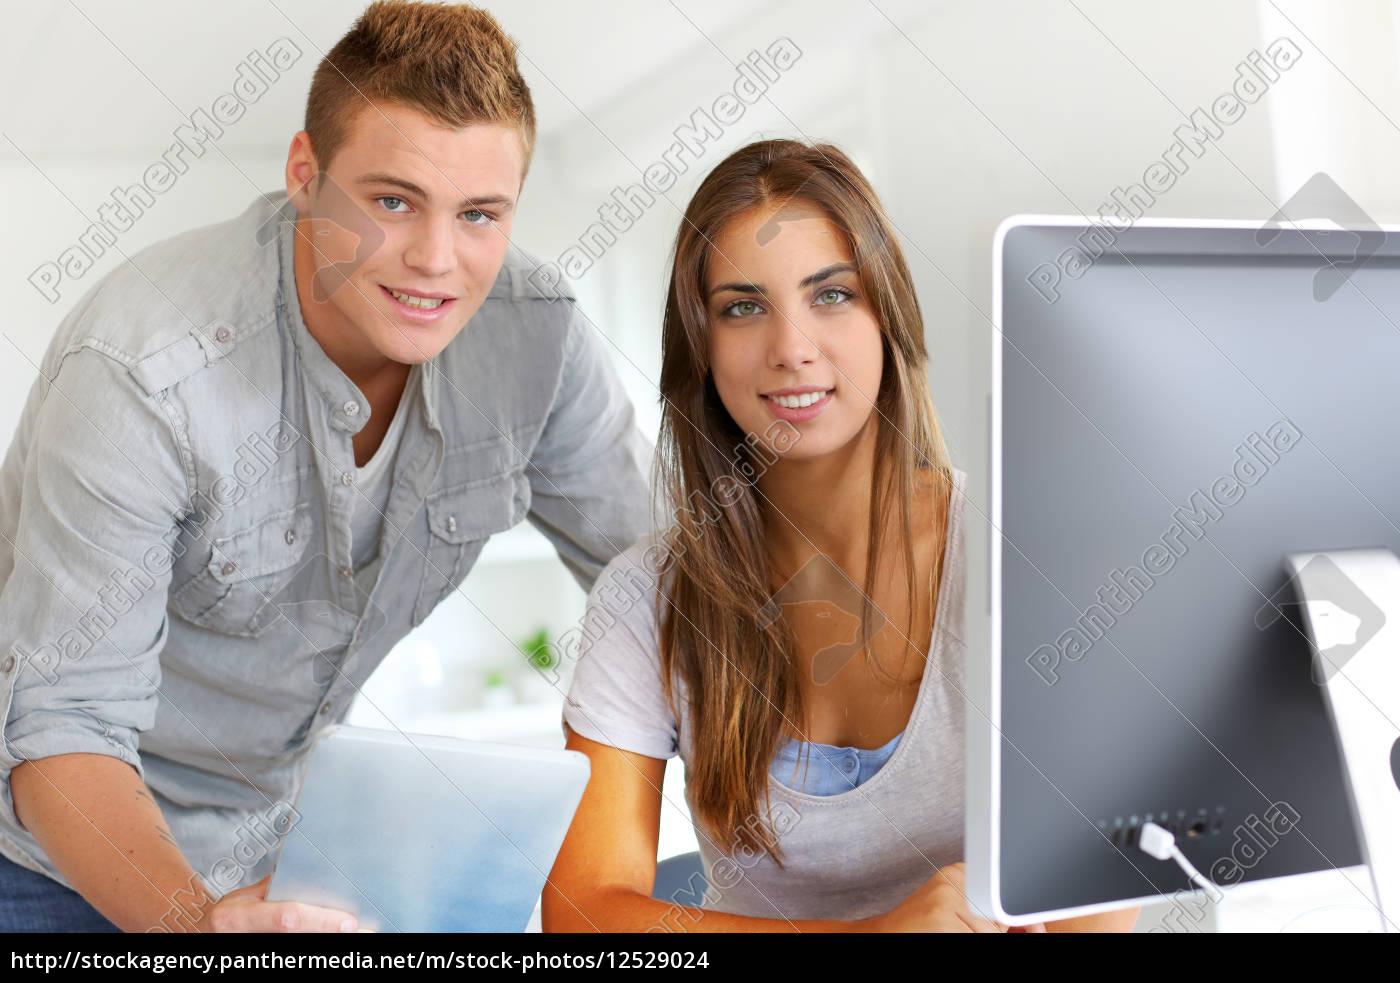 trainees, in, office, working, on, desktop - 12529024